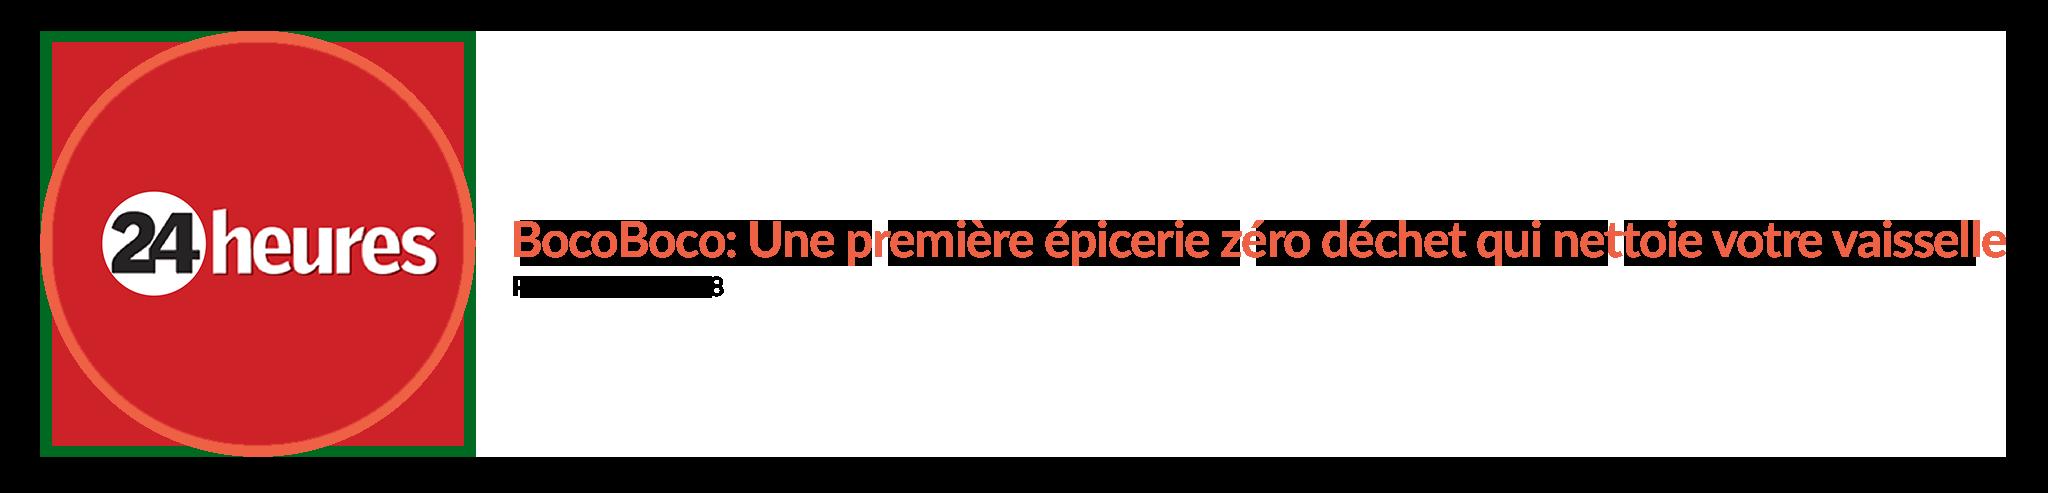 BocoBoco: Une première épicerie zéro déchet qui nettoie votre vaisselle, BocoBoco, epicerie en ligne environnement Zéro déchet ZD Bocaux